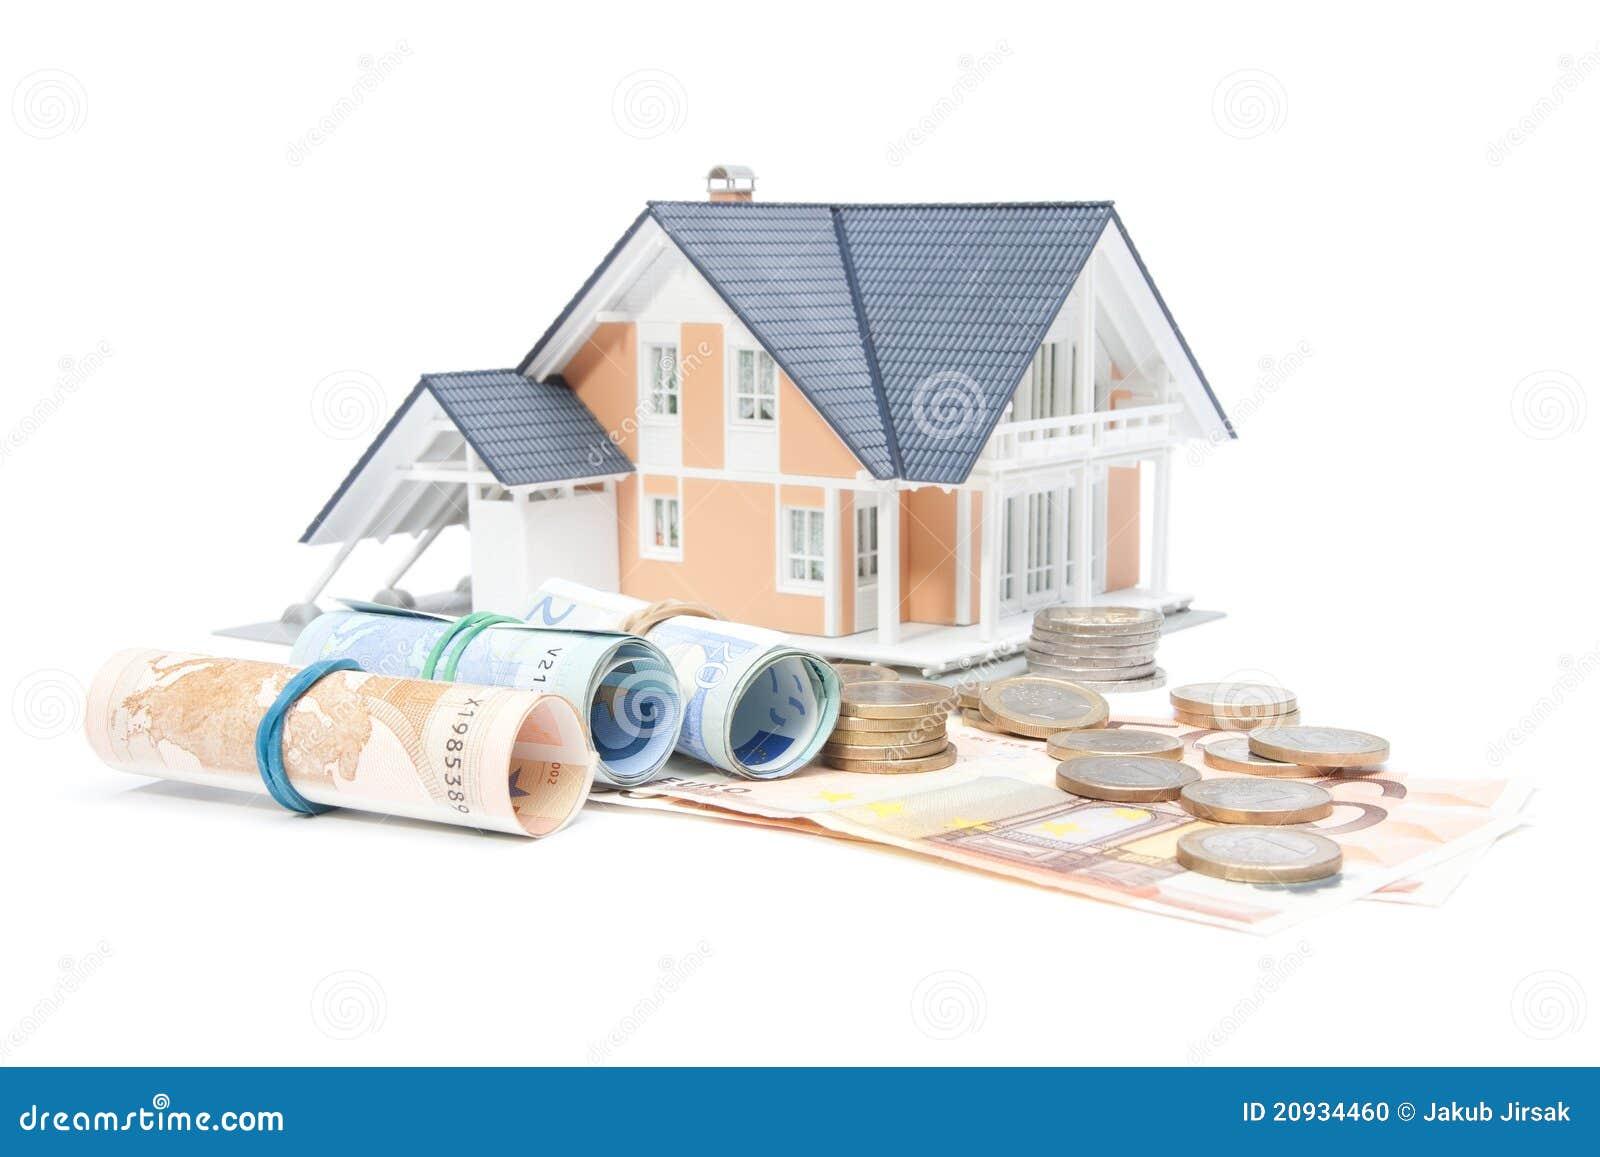 Finanzas del hogar casa y dinero foto de archivo for Casa articulos del hogar